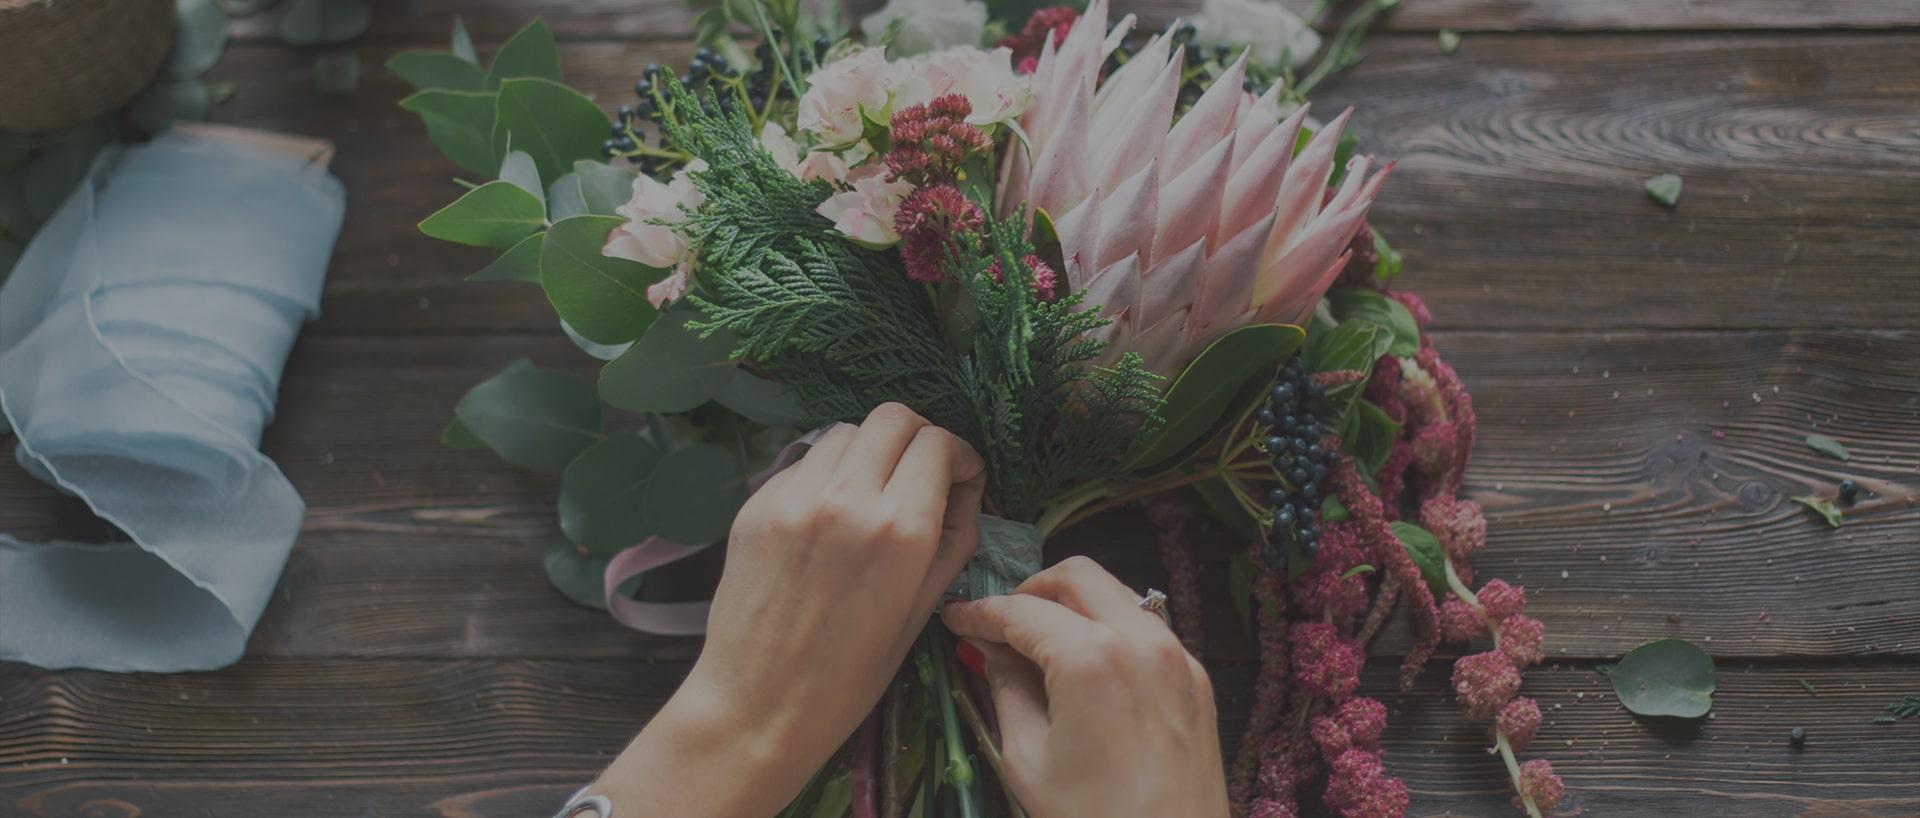 Trao gửi yêu thương cùng Flona Flower